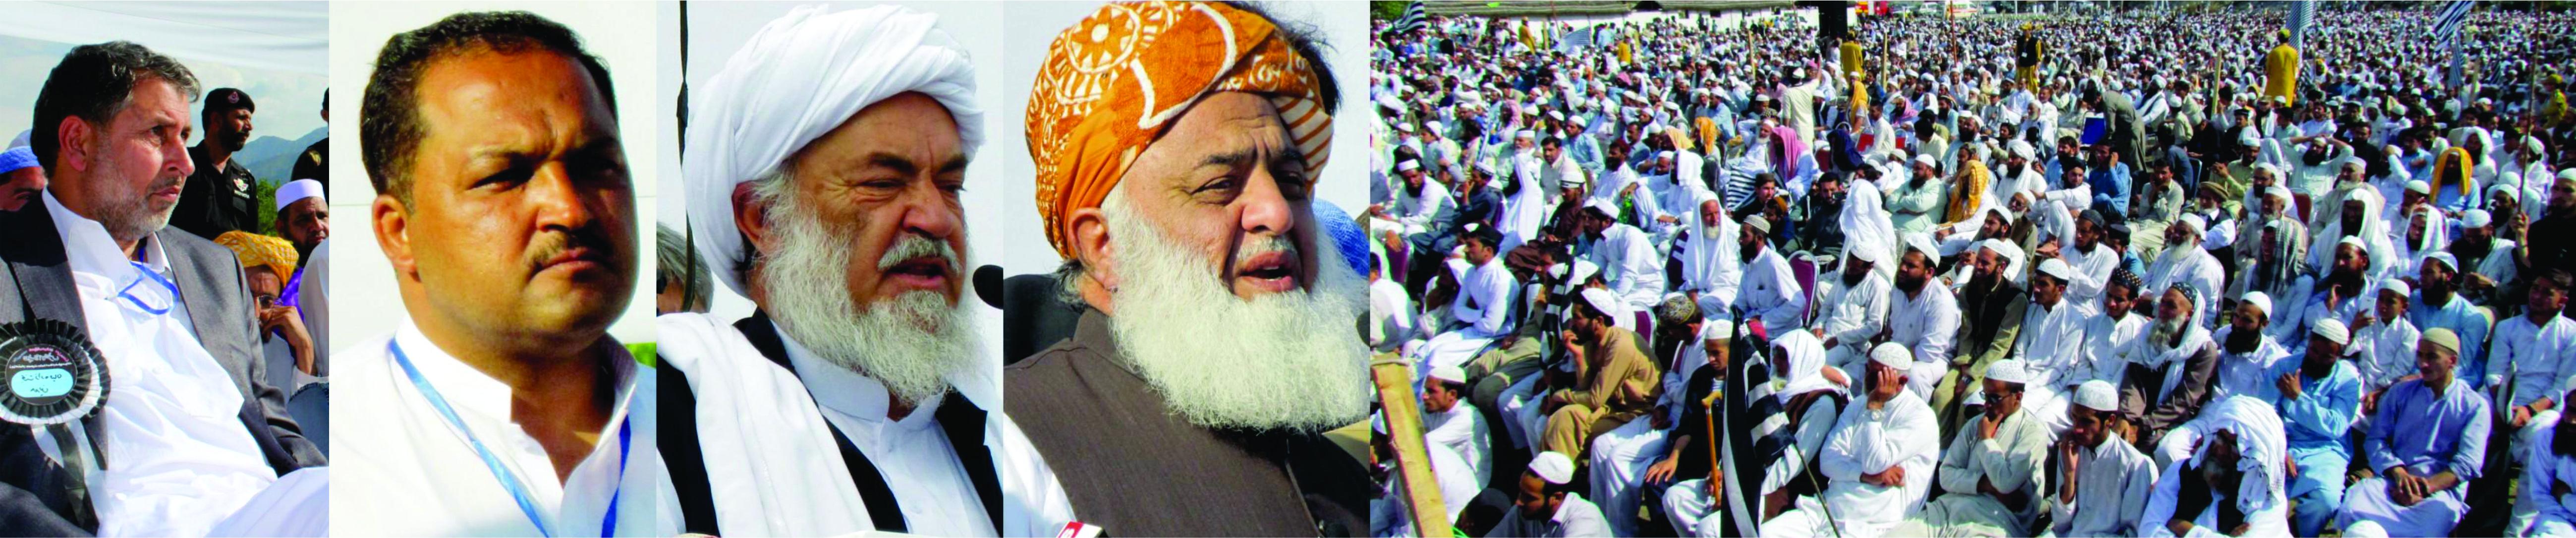 پاکستان میں اگر کوئی نظام ہوگی تو وہ نظام مصطفی ہوگی/مولانا فضل الرحمن